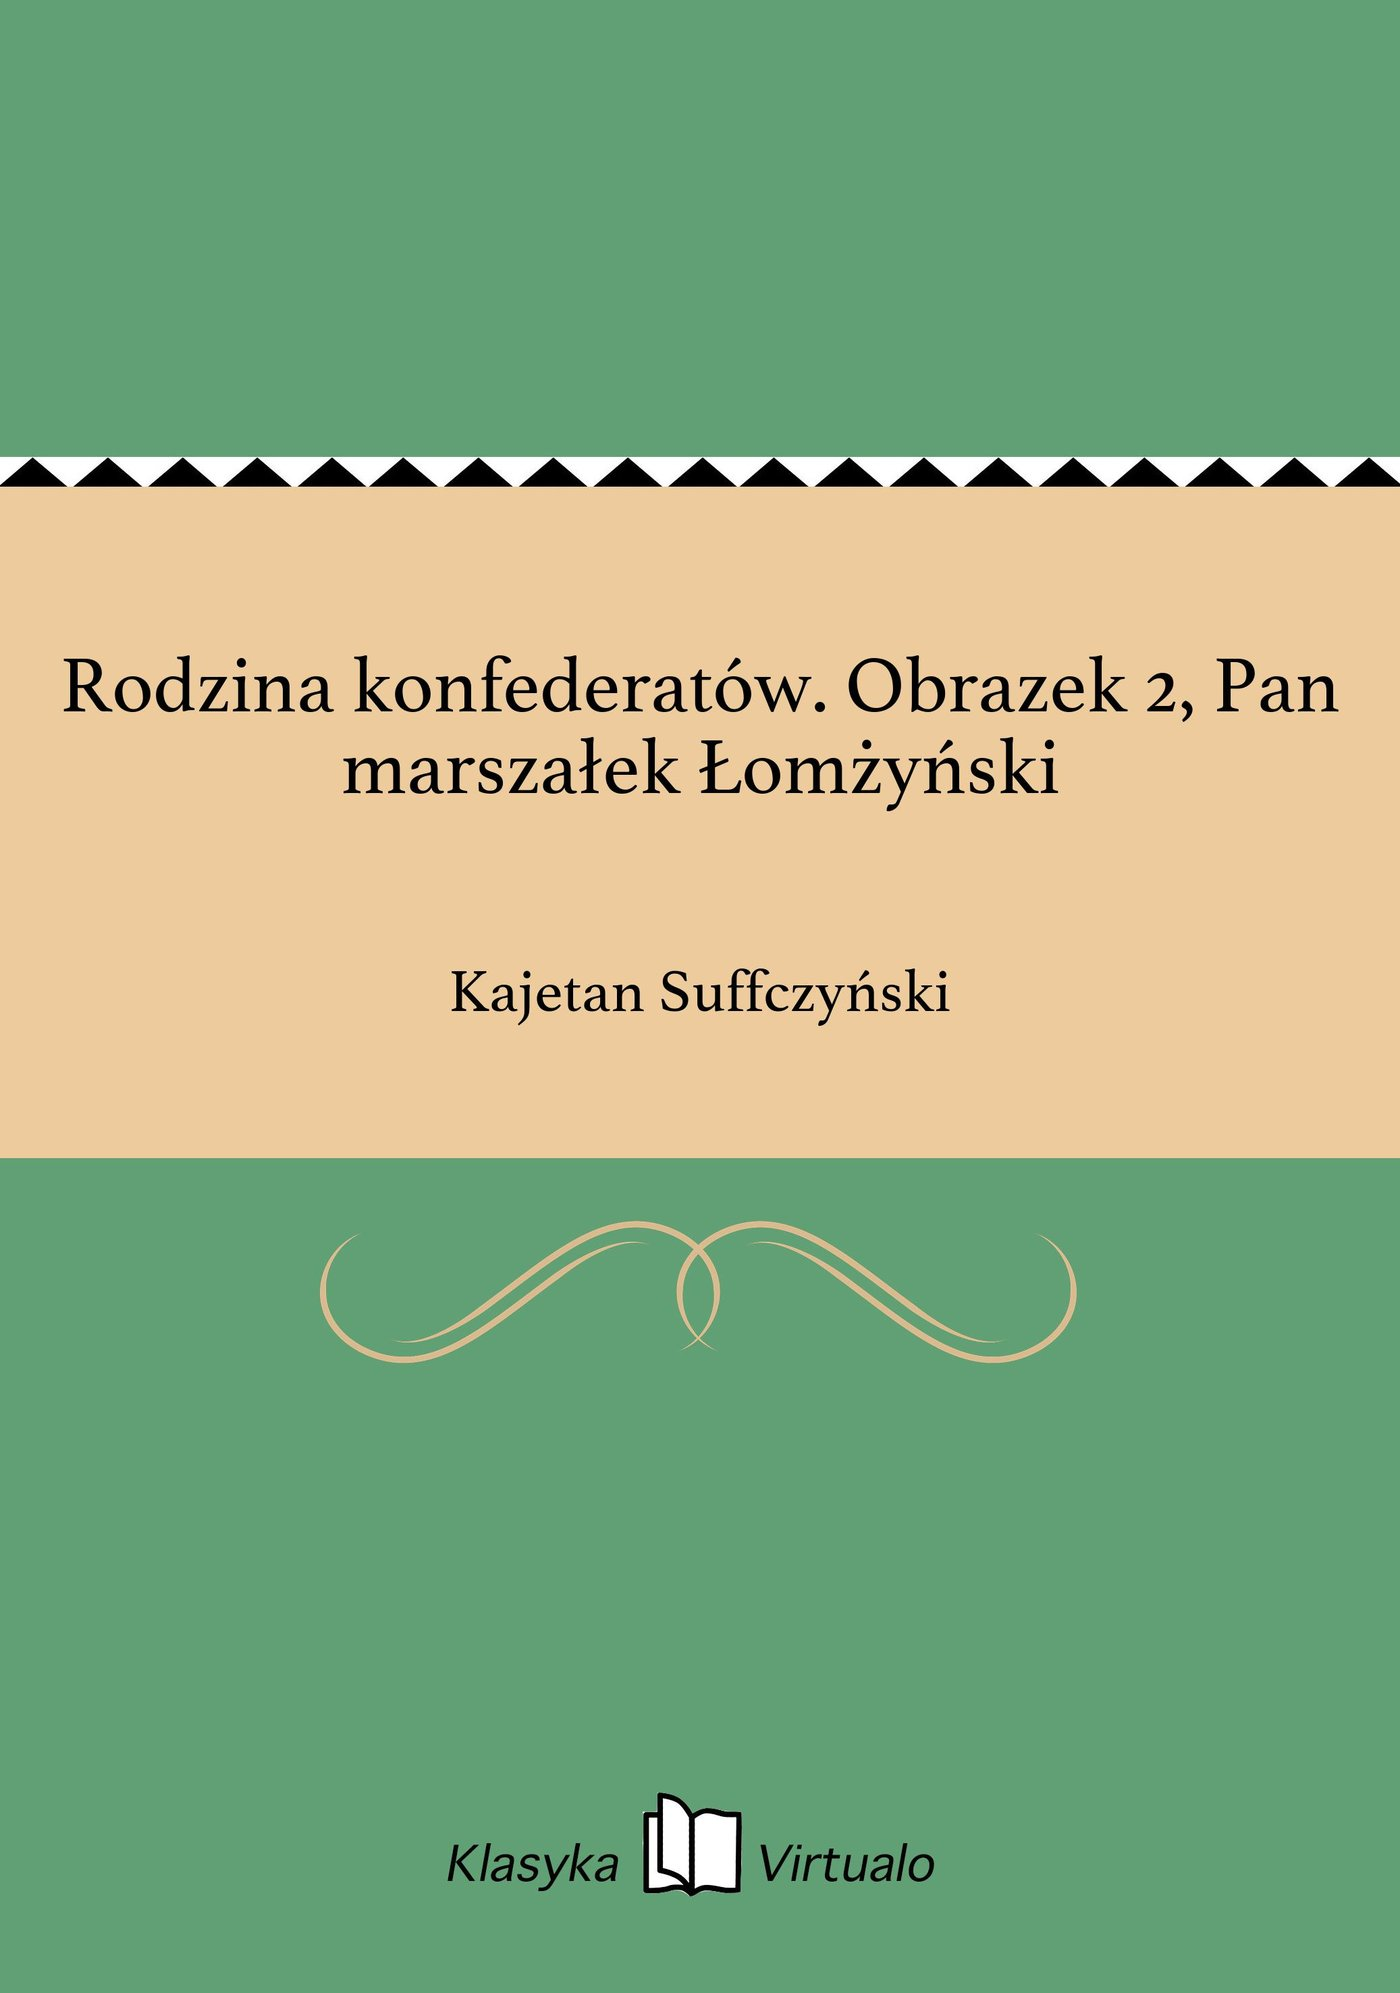 Rodzina konfederatów. Obrazek 2, Pan marszałek Łomżyński - Ebook (Książka EPUB) do pobrania w formacie EPUB